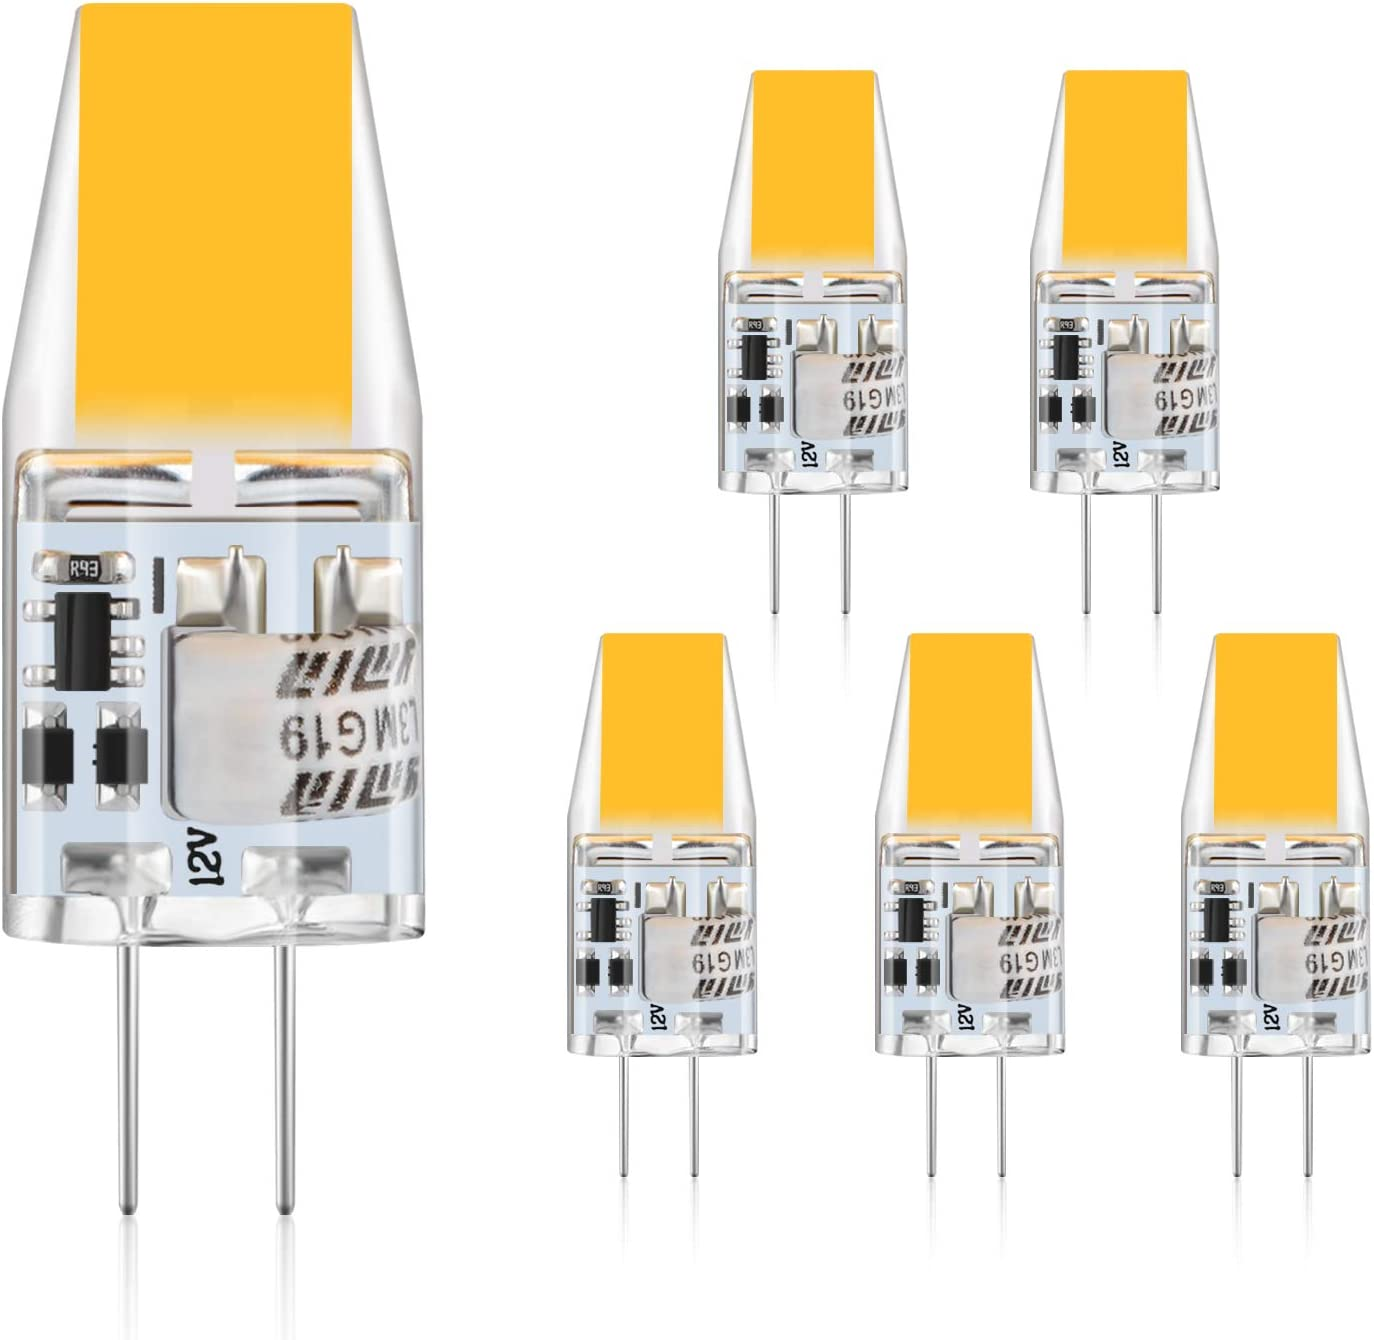 Defurhome G4 LED Bombillas, 3W Reemplaza a las bombillas halógenas de 30W equivalentes, 300LM, Blanco Cálido 2900K, AC/DC 12V, sin parpadeo, No regulable, paquete de 5